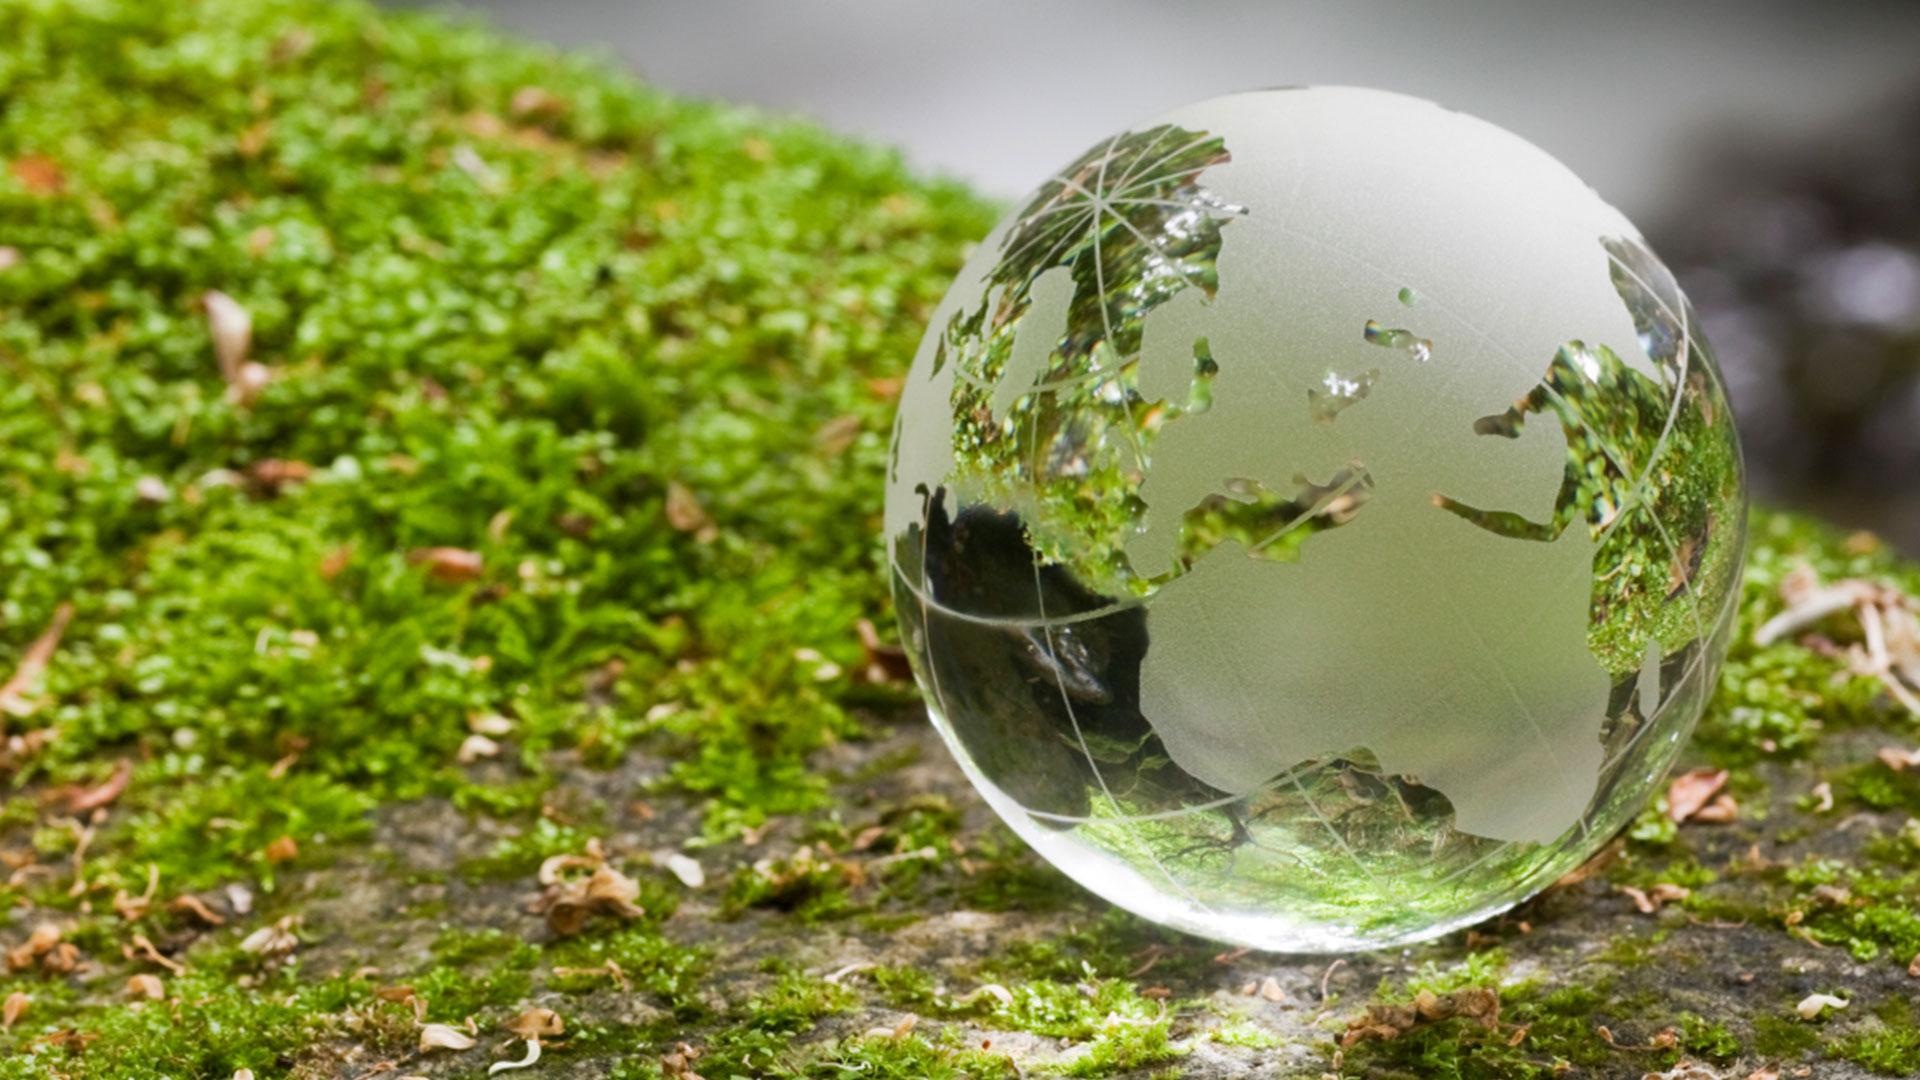 מדוע כל ארגוני איכות הסביבה בעולם ממליצים על מעבר לגז טבעי?